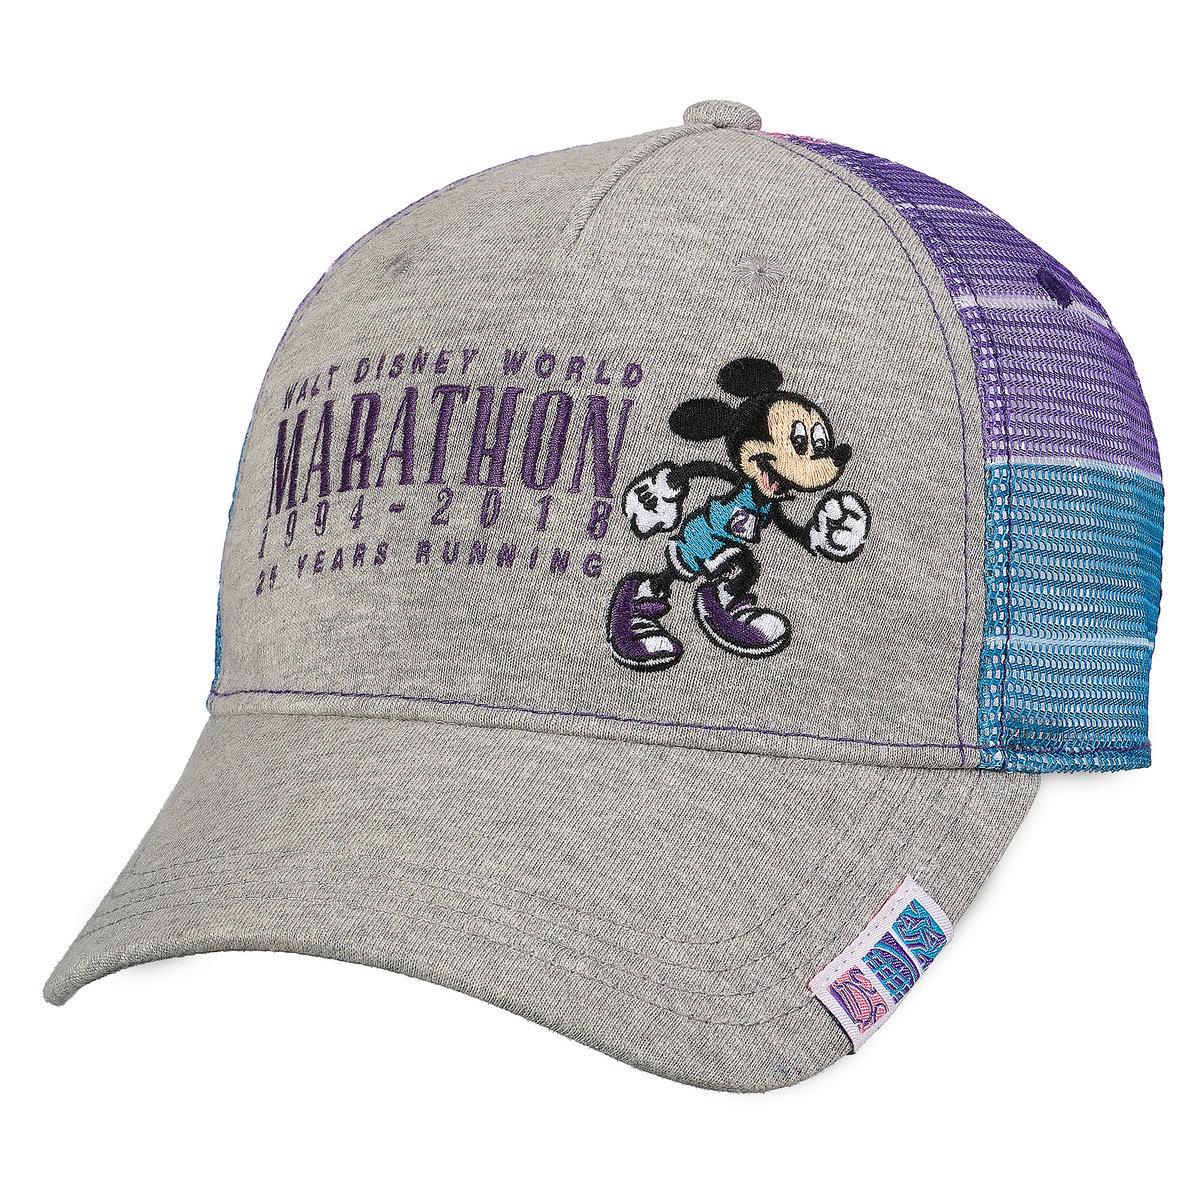 25 30 Anniversary Cap: 25th Anniversary RunDisney Marathon